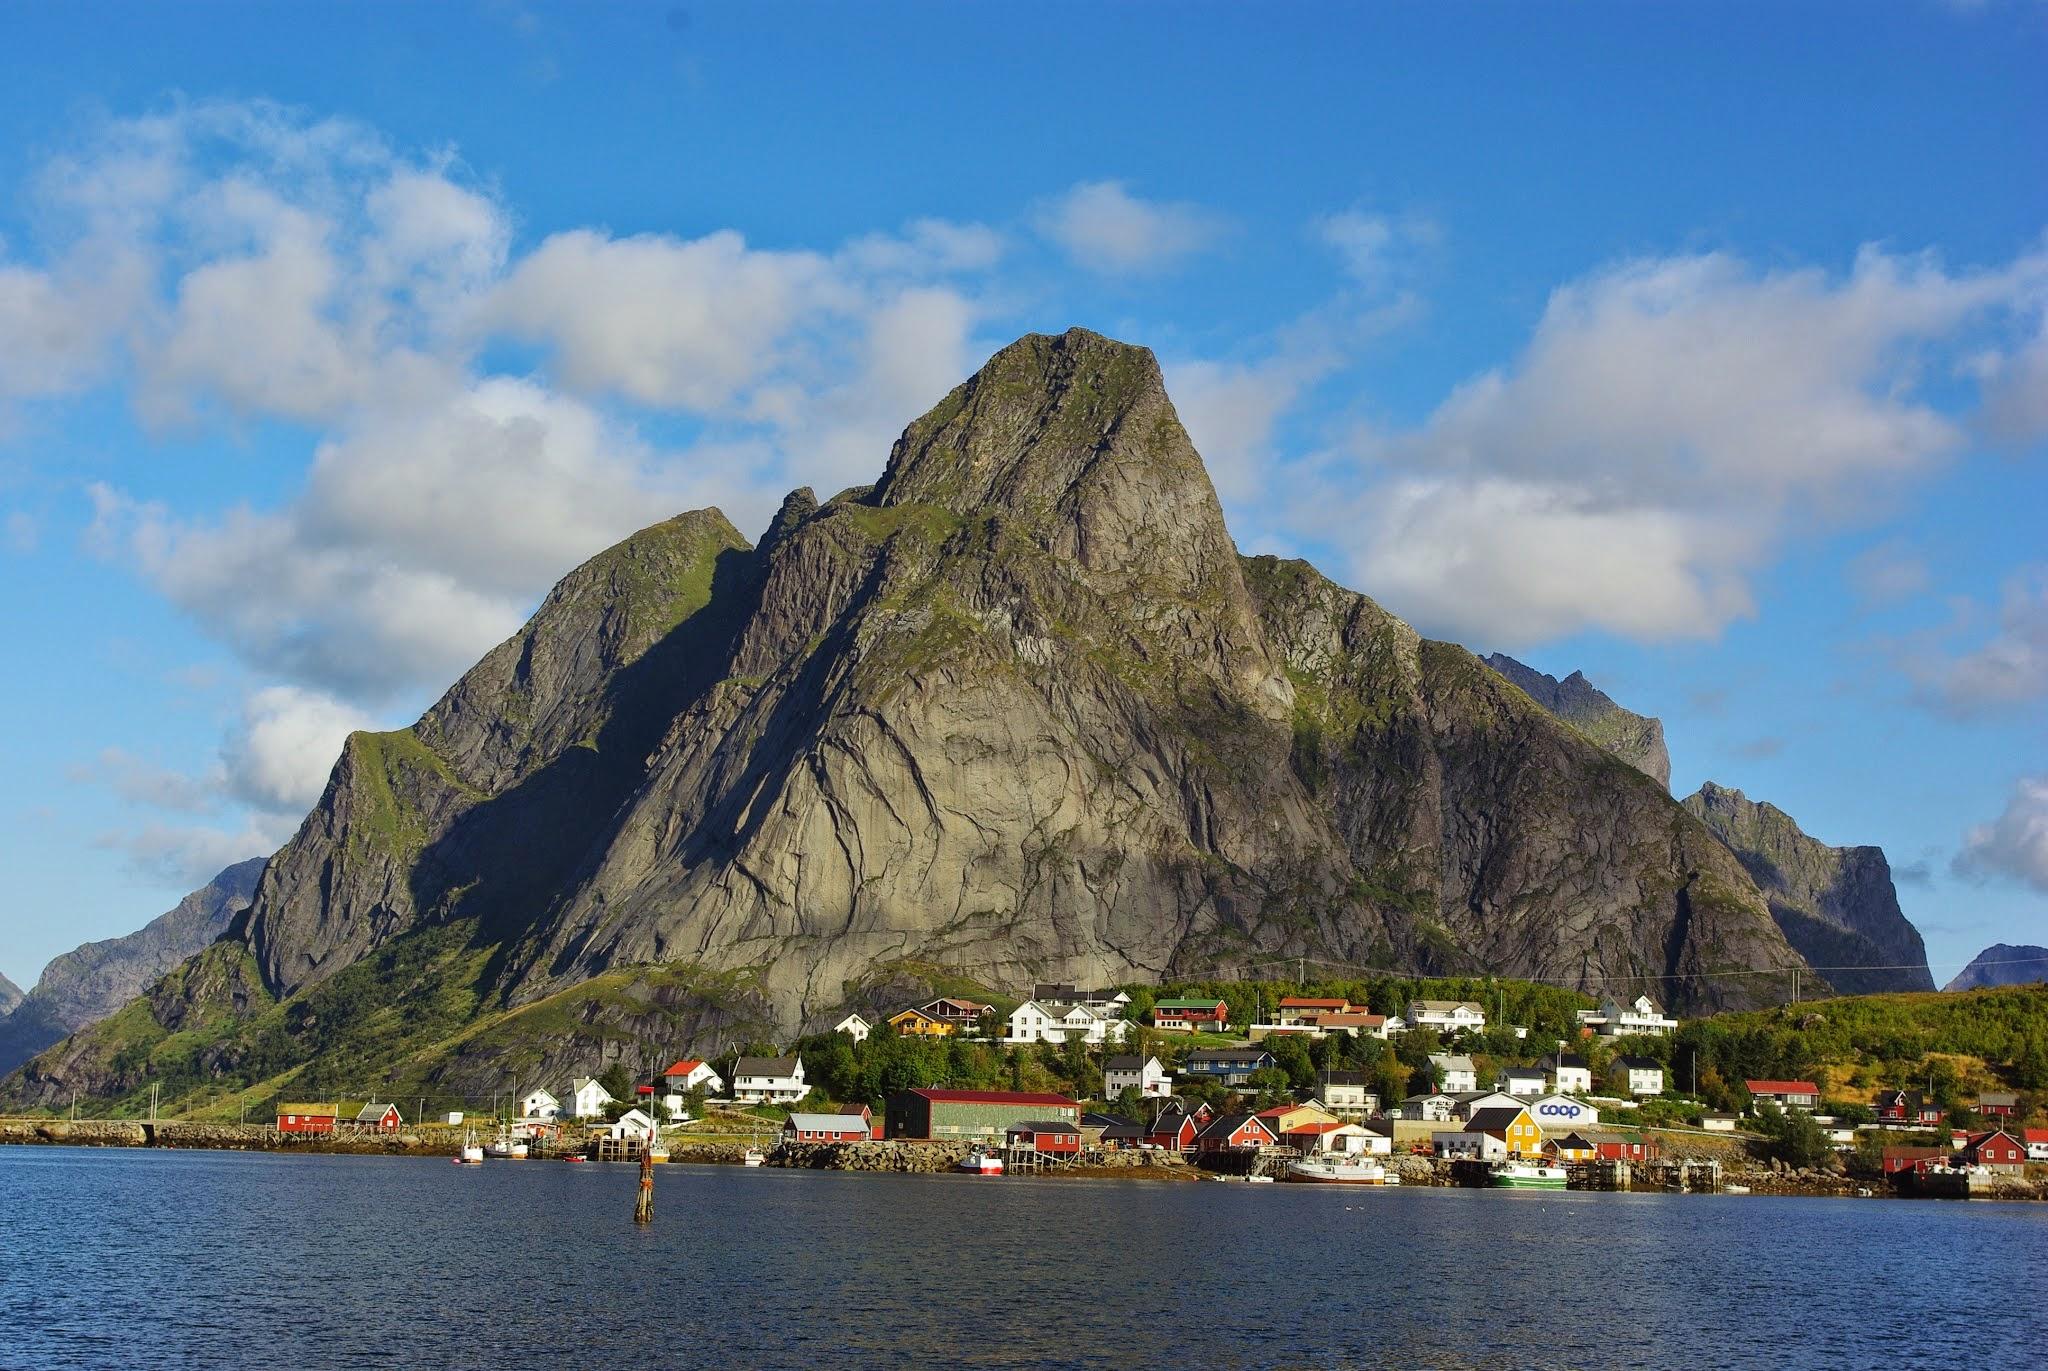 The town of Reine in Lofoten.